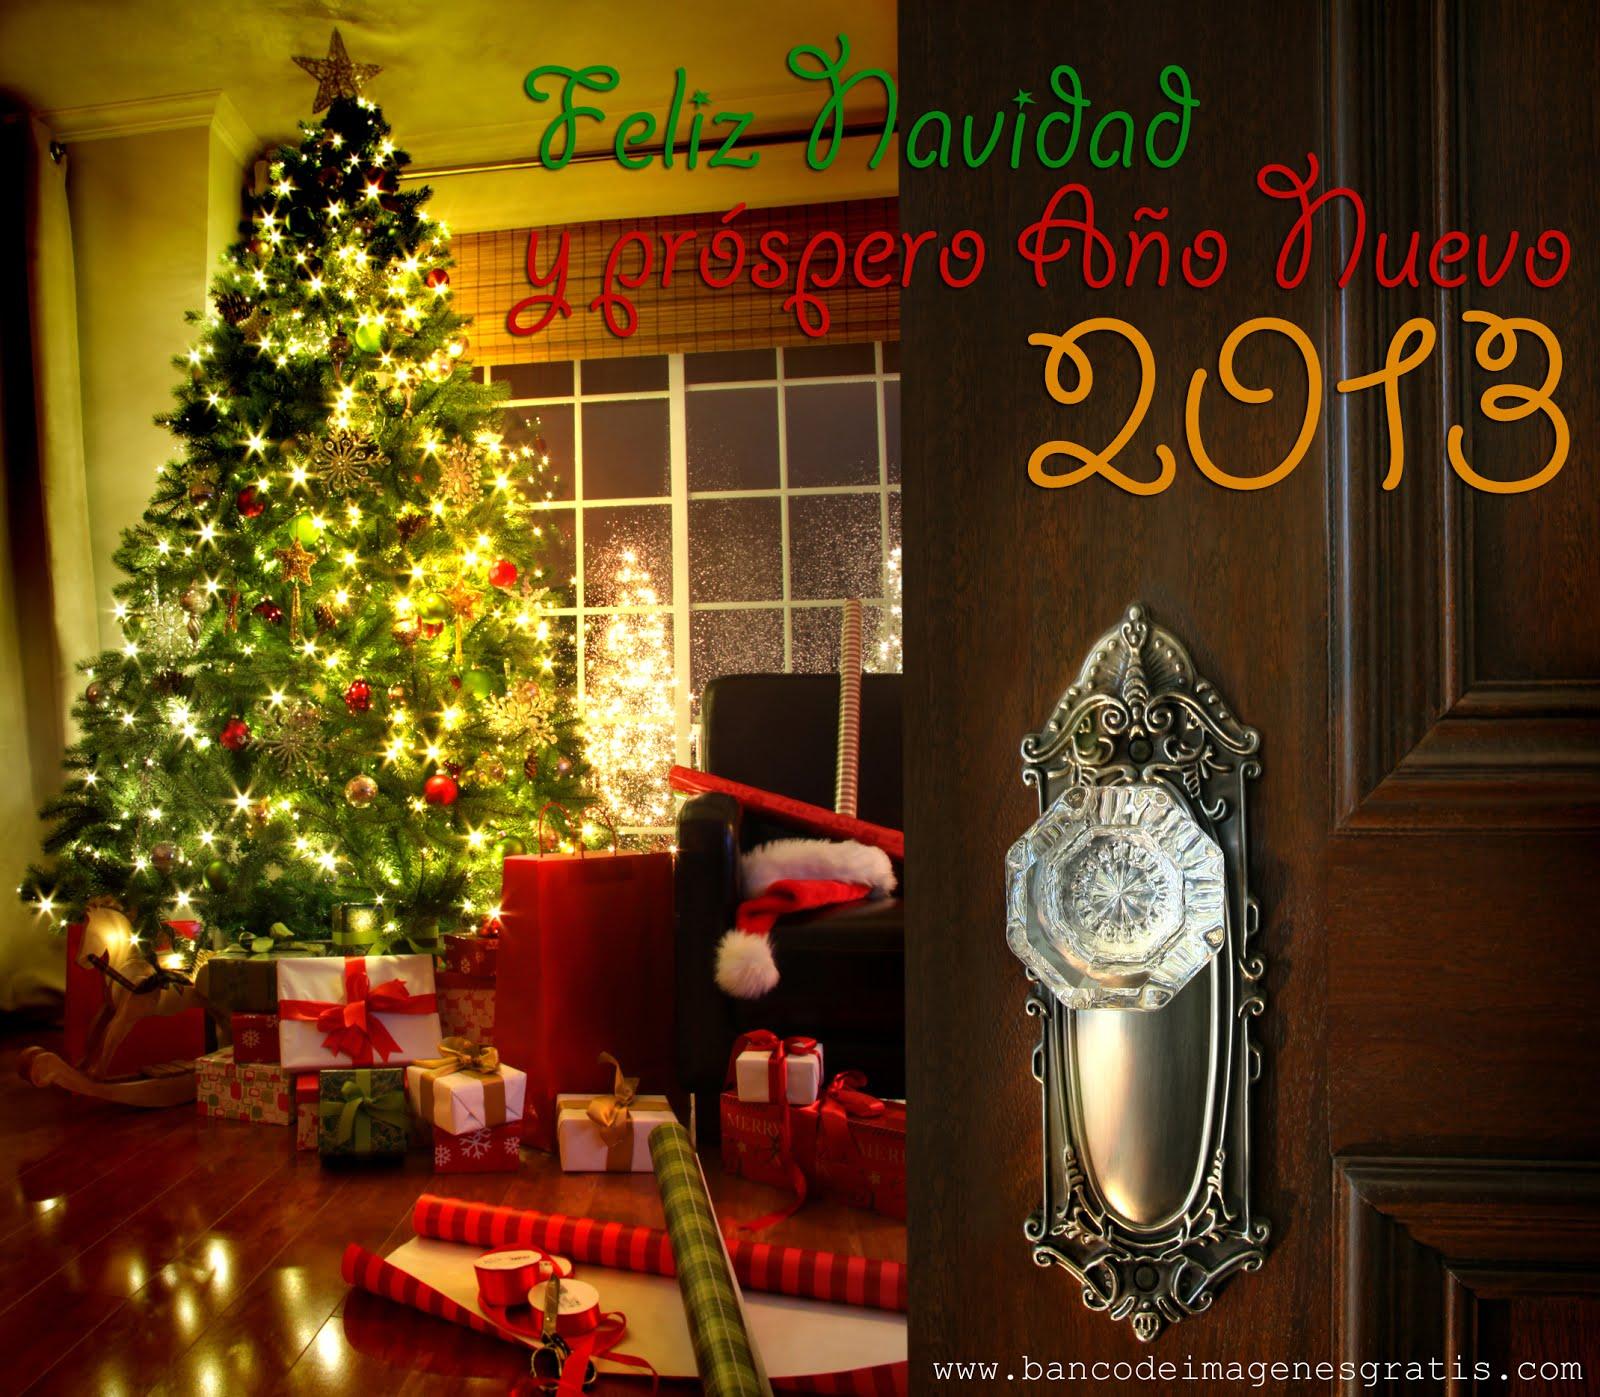 http://3.bp.blogspot.com/-it6zxdXxQ4w/UNH3y1M8FLI/AAAAAAAAEJ8/CPh67Z-lQQI/s1600/navidad-y-ano-nuevo-2013-pp.jpg